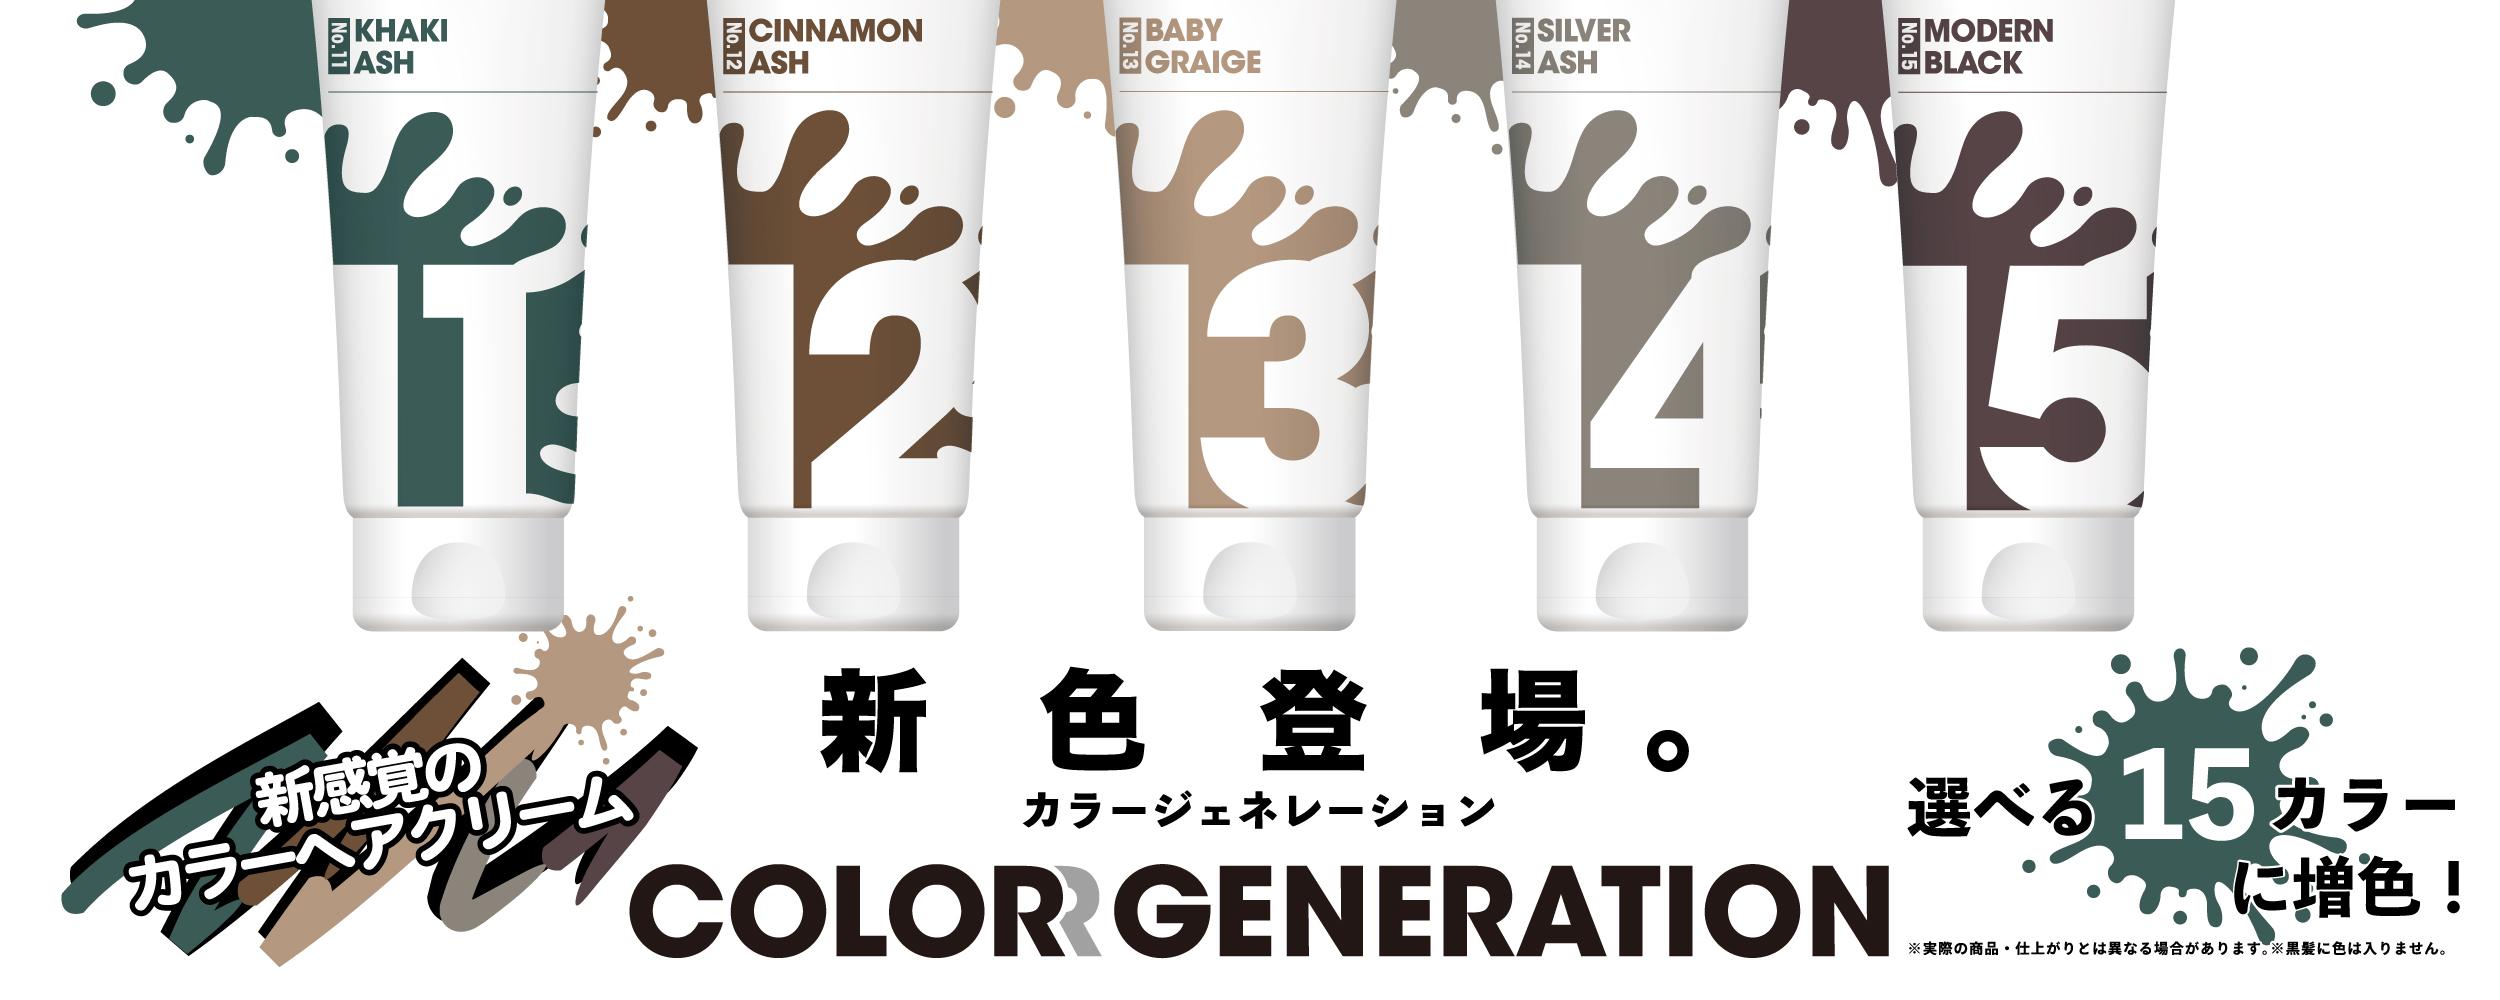 【NEW商品情報】ヘアカラークリーム カラジェネから新色が登場しました!